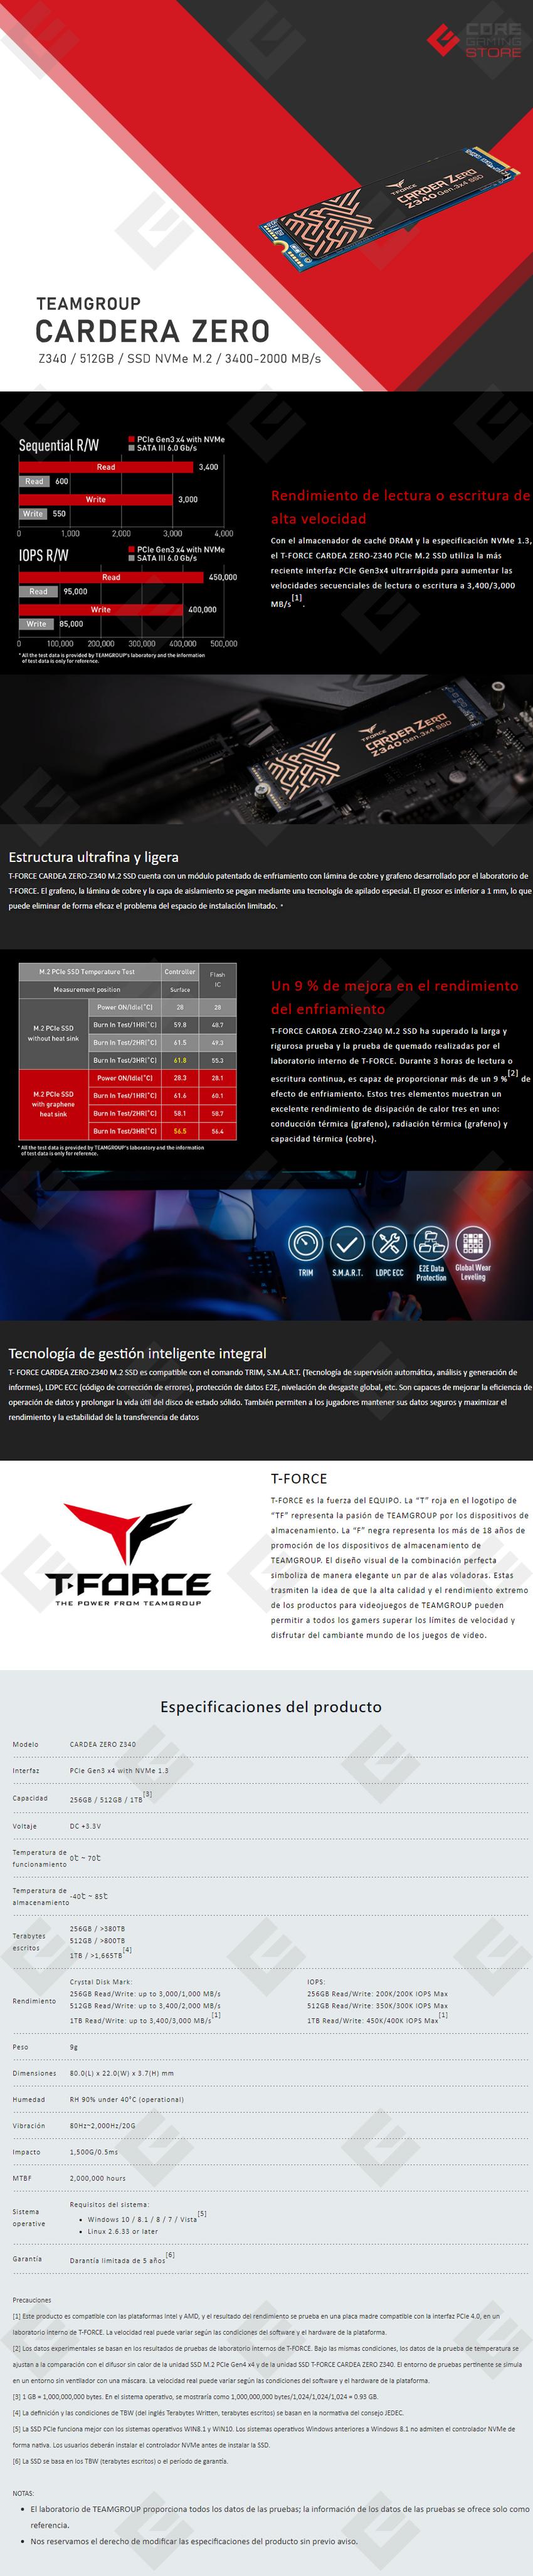 Unidad de Estado Solido SSD NVMe M.2 Teamgroup Cardea Zero Z340 512GB, 3400/2000, PCIe Gen3 x4 - TM8FP9512G0C311